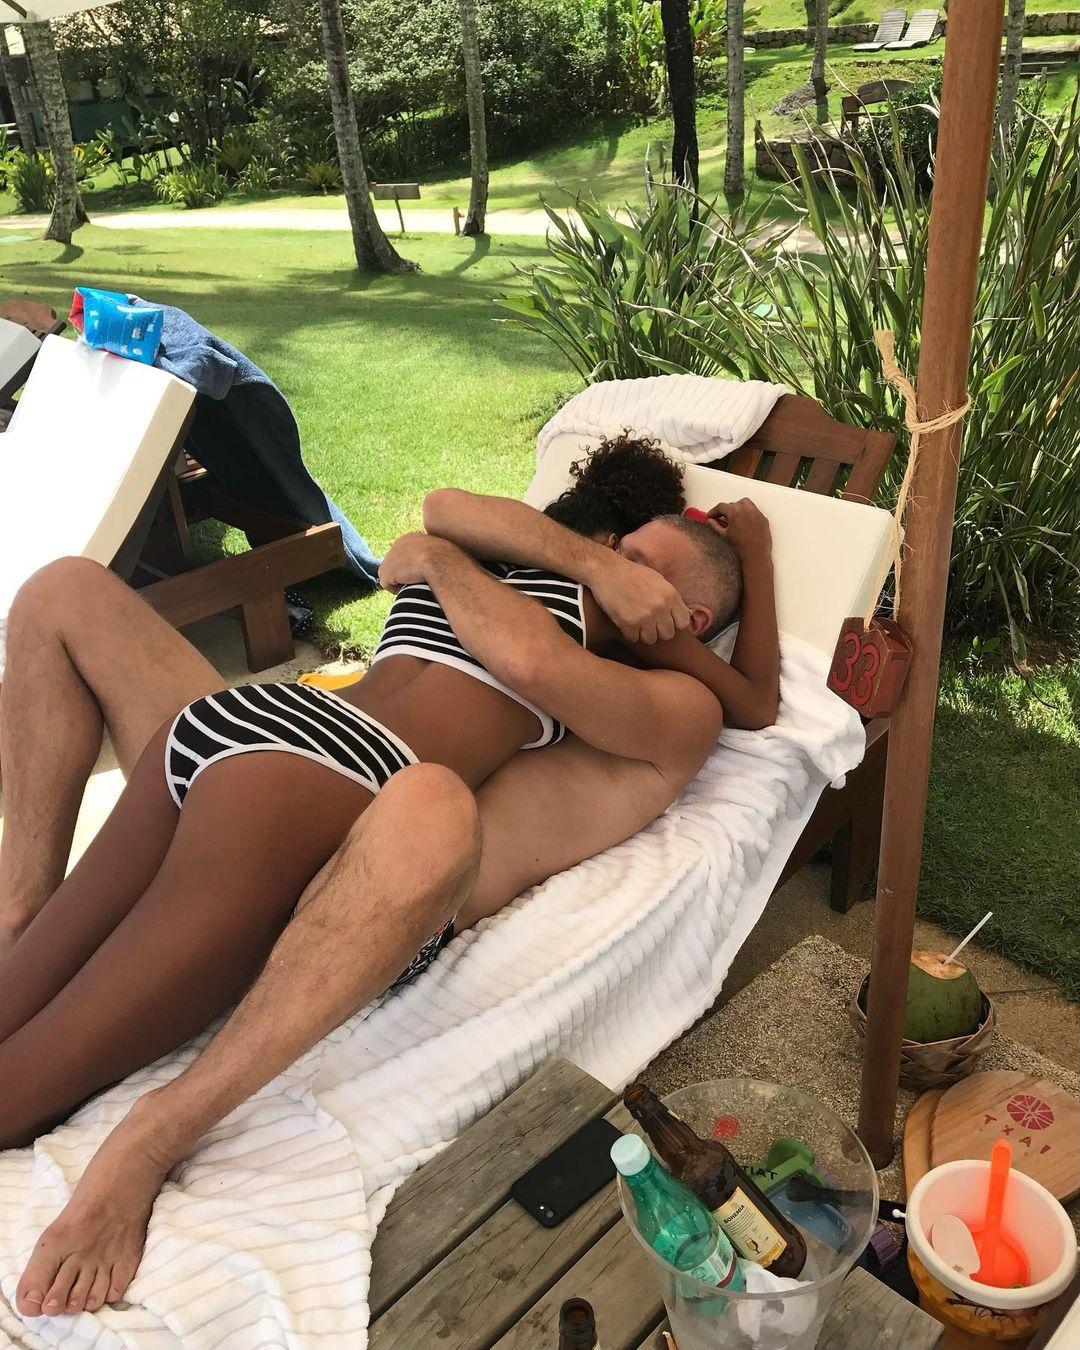 Тина Кунаки показала трогательные снимки с Венсаном Касселем в честь годовщины брака